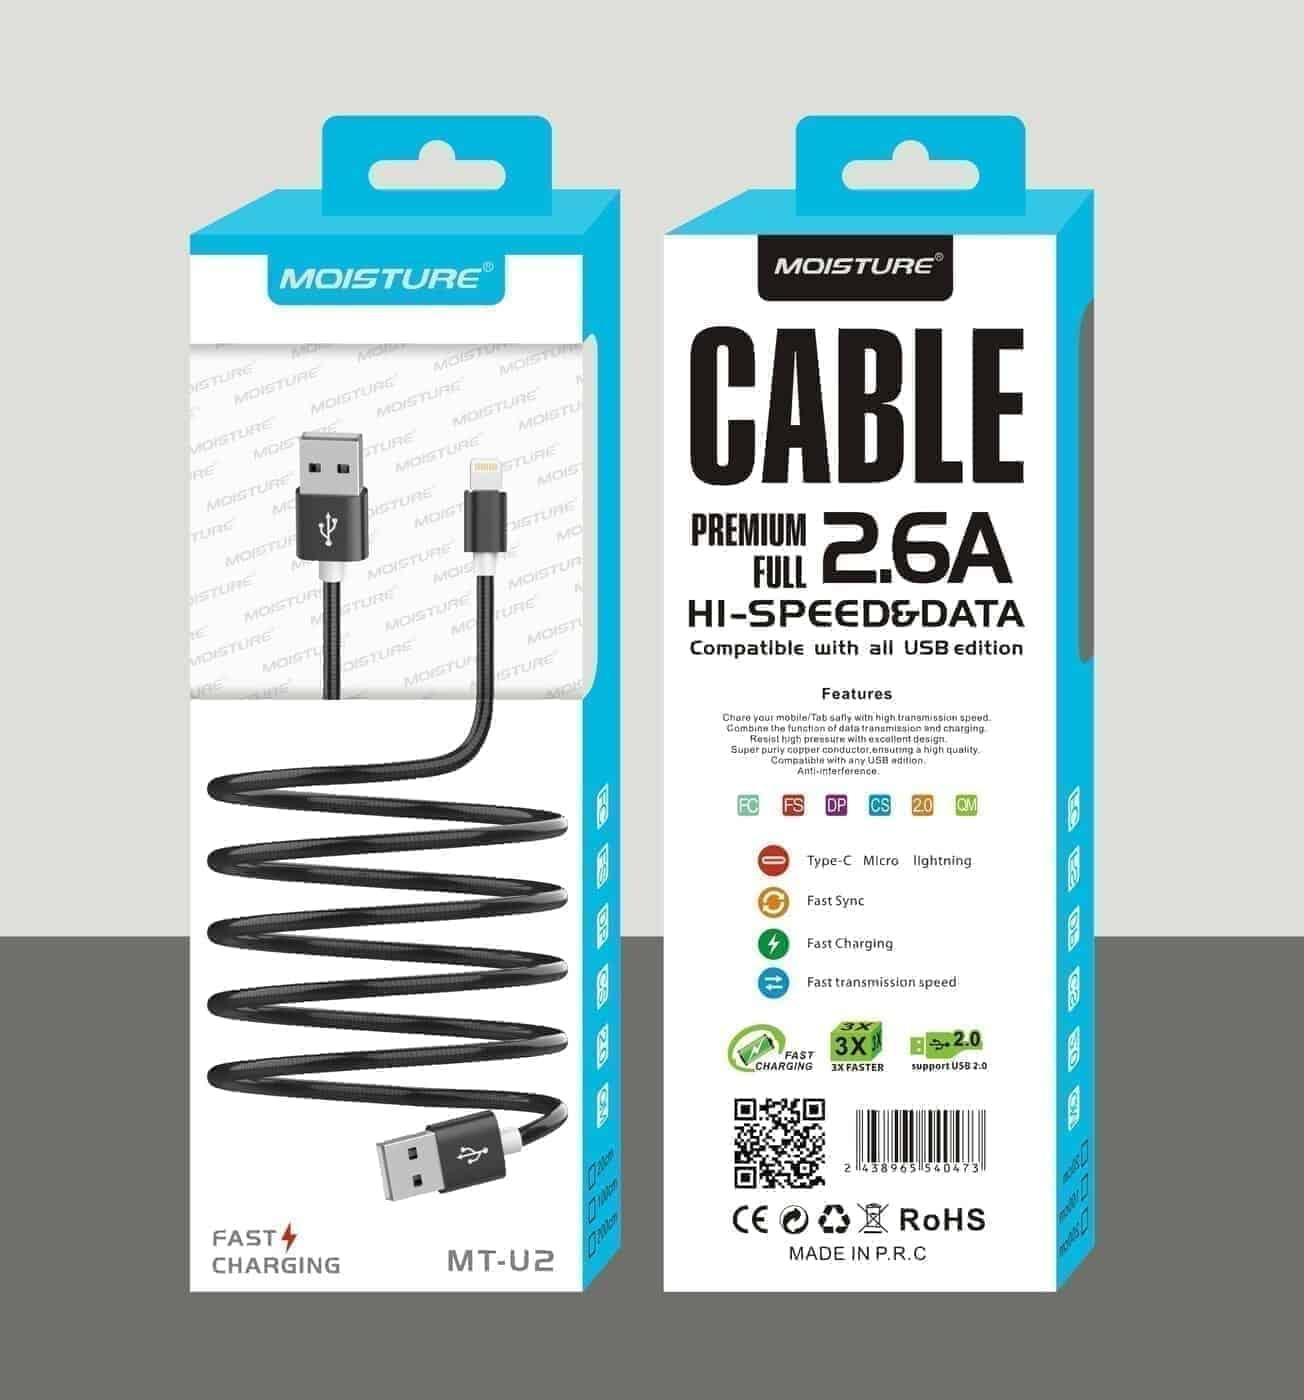 Moisture 2.6A Premium Full Hi-Speed Data Cable In Black